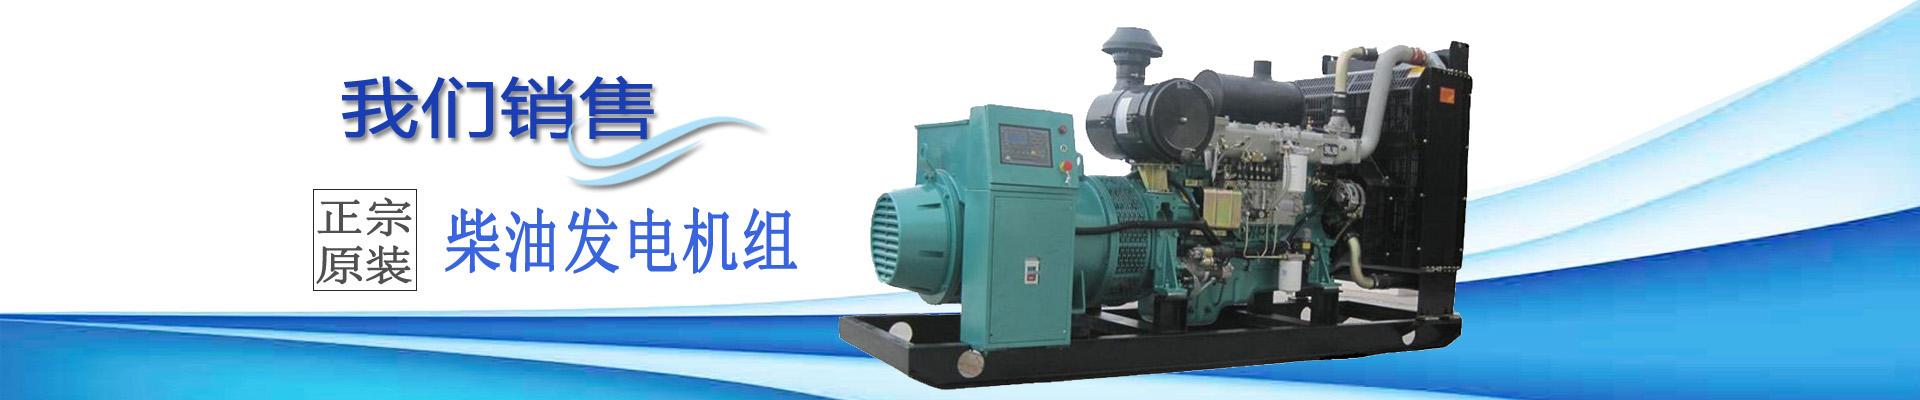 国产柴油发电机组